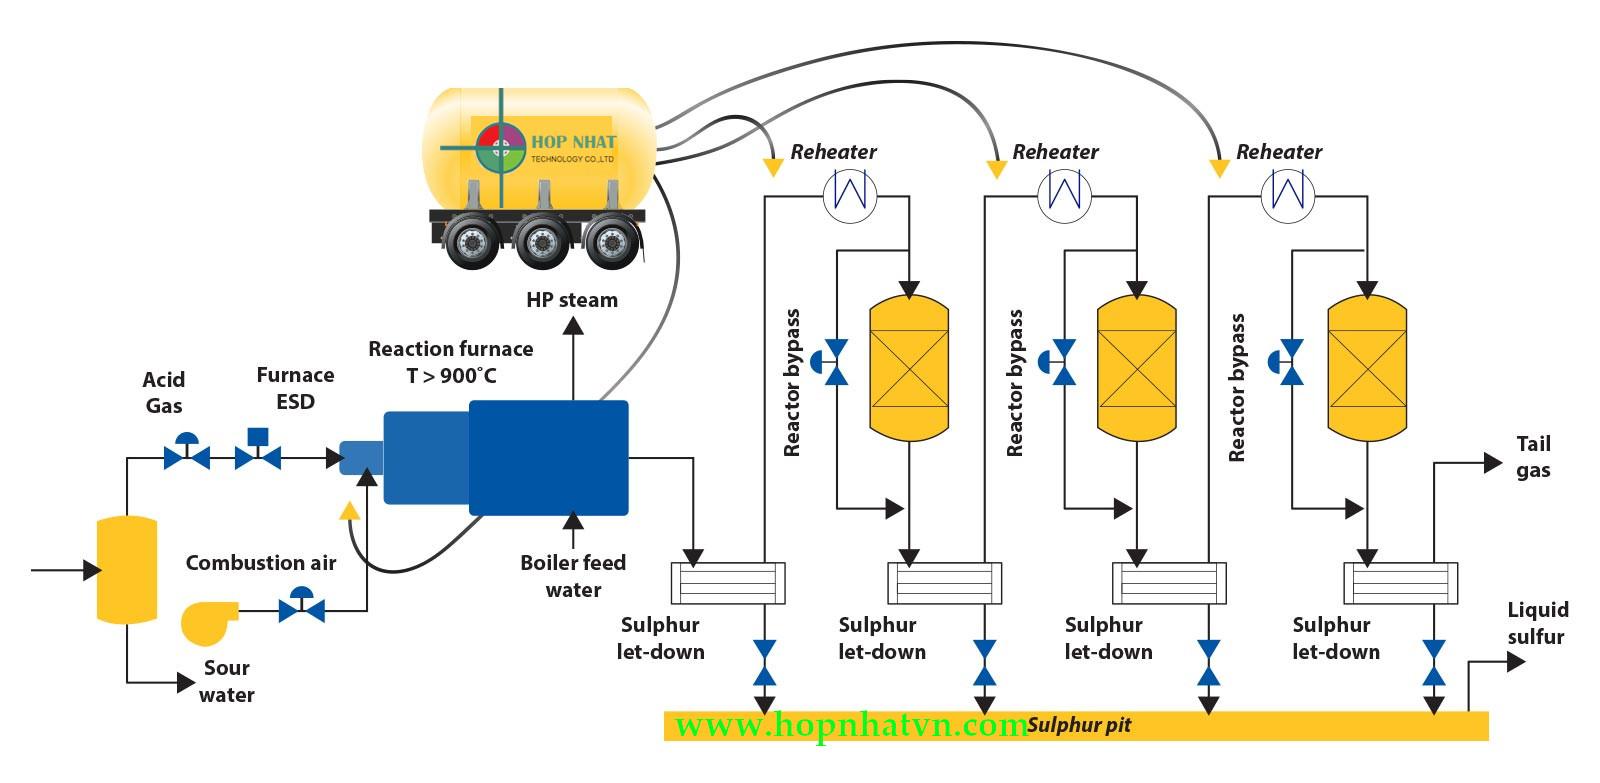 Quy trình hóa lỏng khí nito